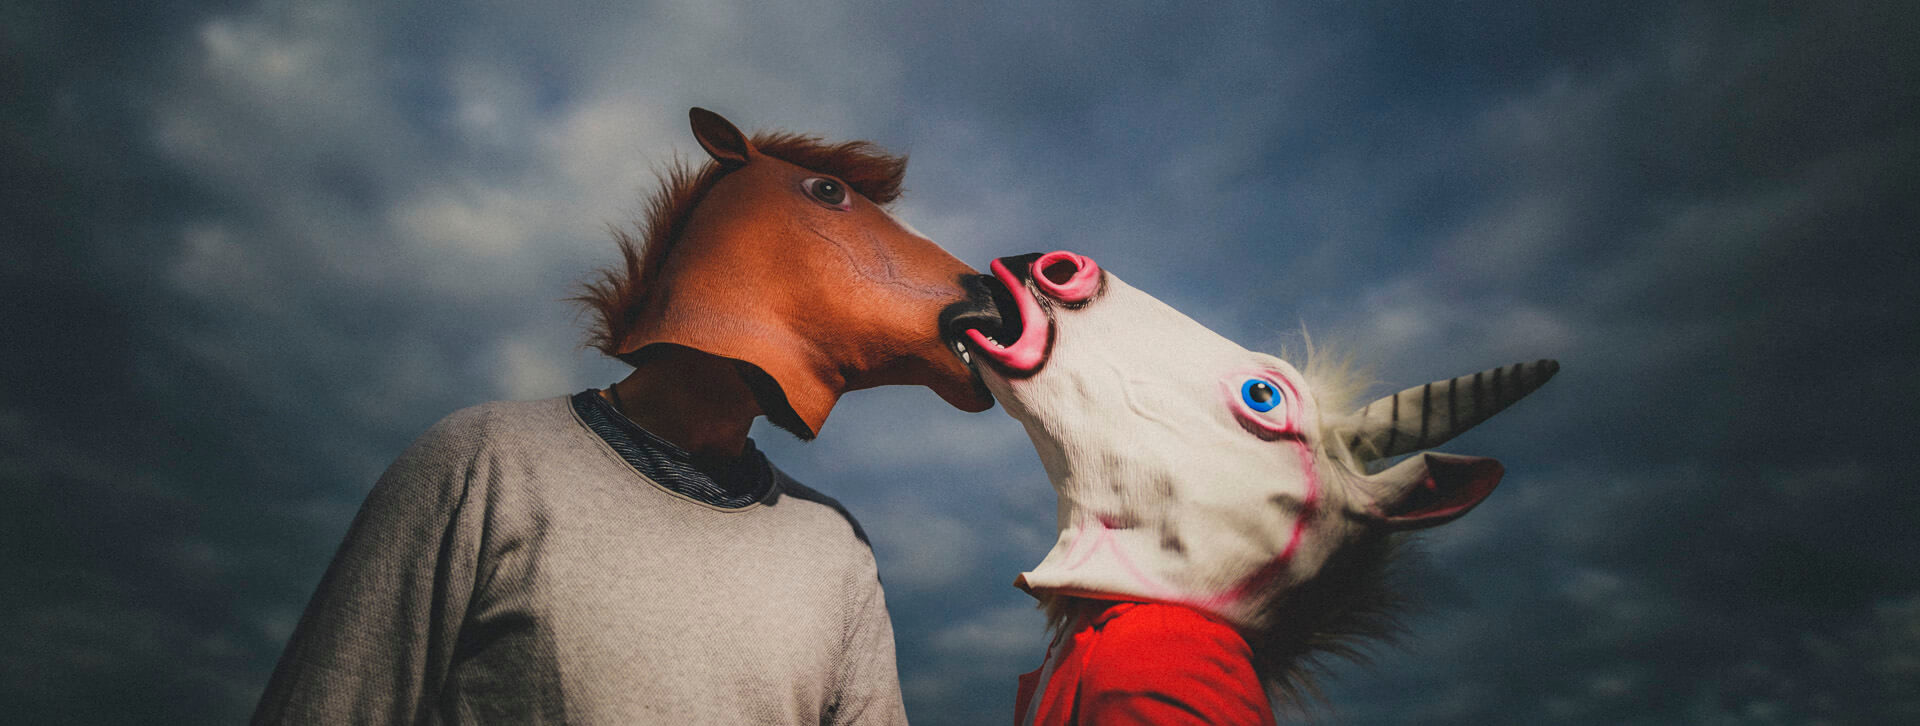 Loveshooting in Corona-Zeiten - Kreative und humorvolle Paarfotografie